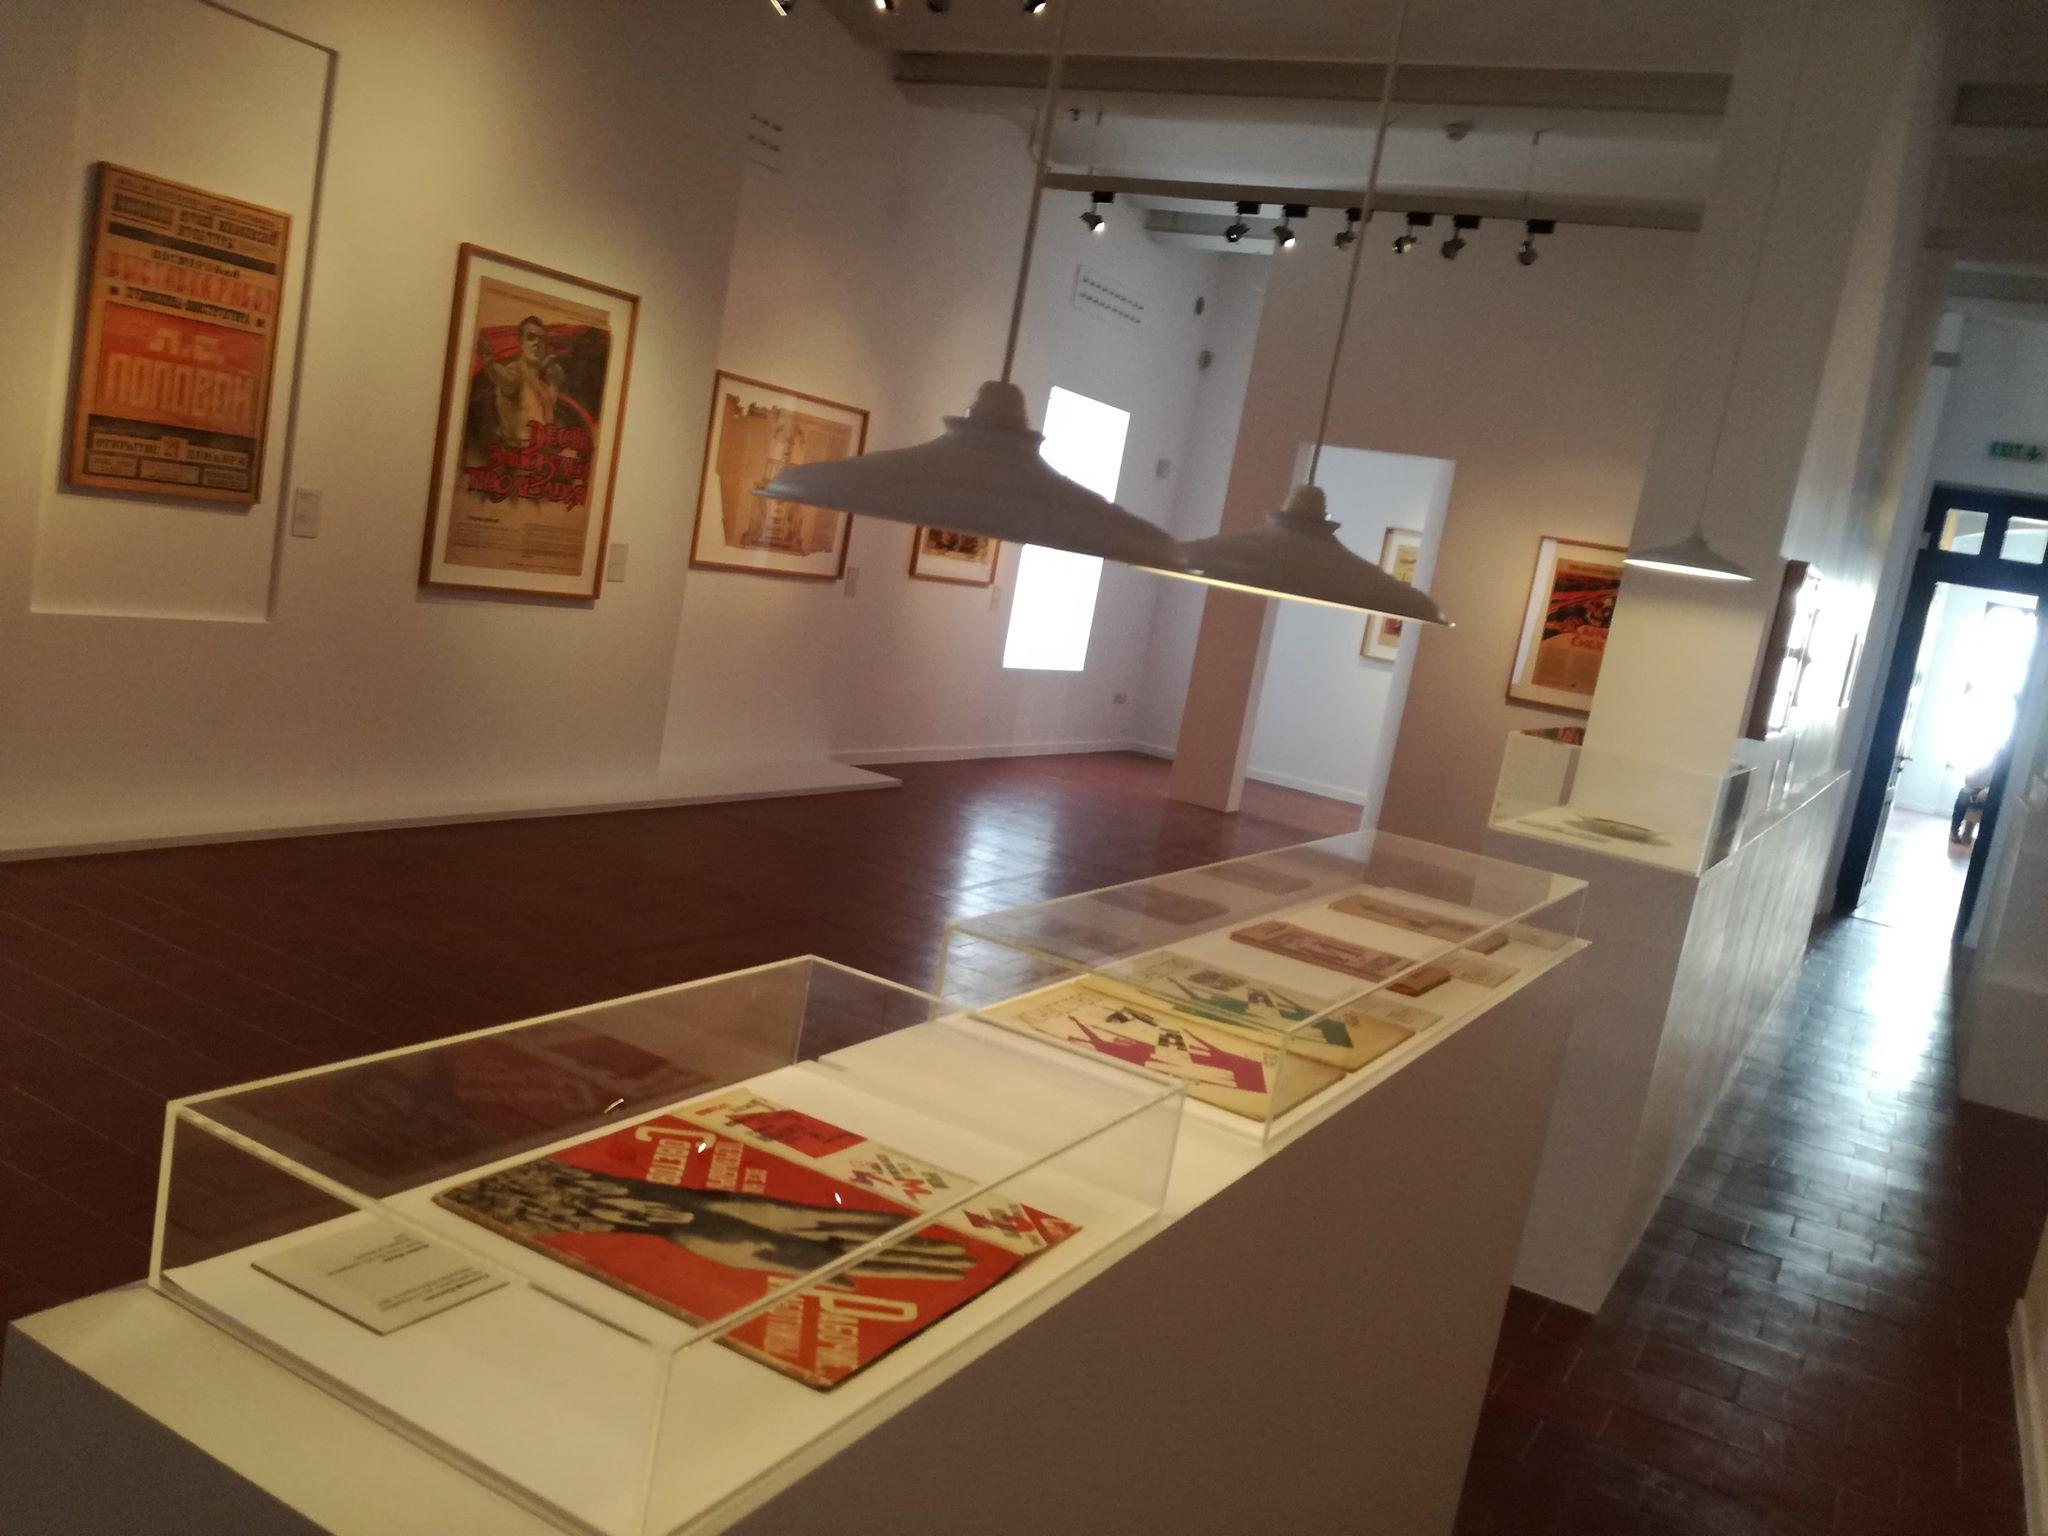 Άποψη από την έκθεση «Ανοιξιάτικοι Χείμαρροι. Ρωσική Πρωτοπορία – συλλογή Κωστάκη» στο MOMus – Μουσείο Μοντέρνας Τέχνης – Συλλογή Κωστάκη